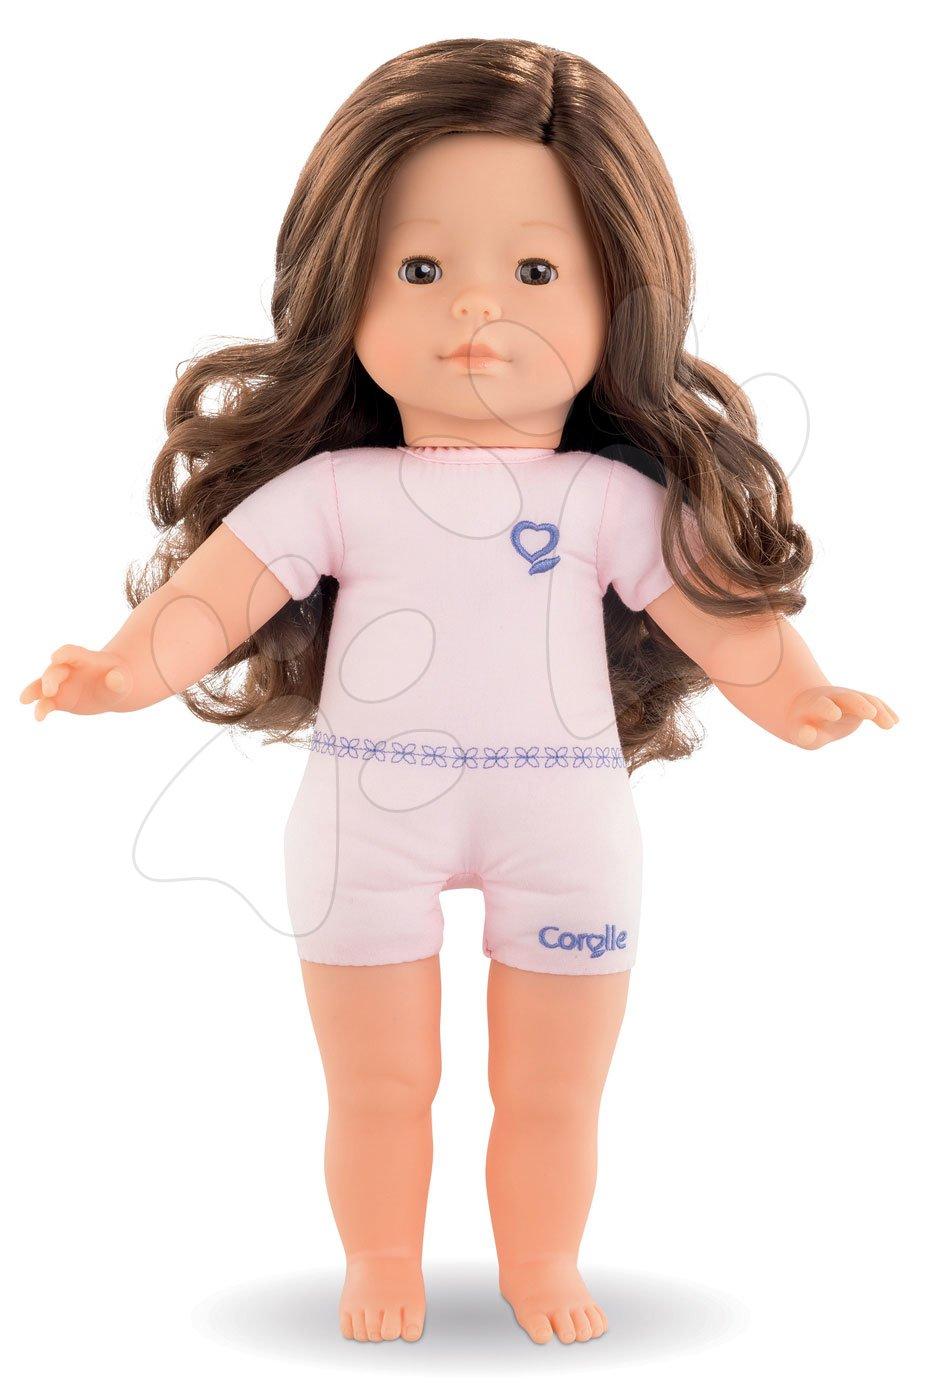 Panenka na oblékání Pénélope Ma Corolle dlouhé hnědé vlasy a hnědé mrkající oči 36 cm od 4 let